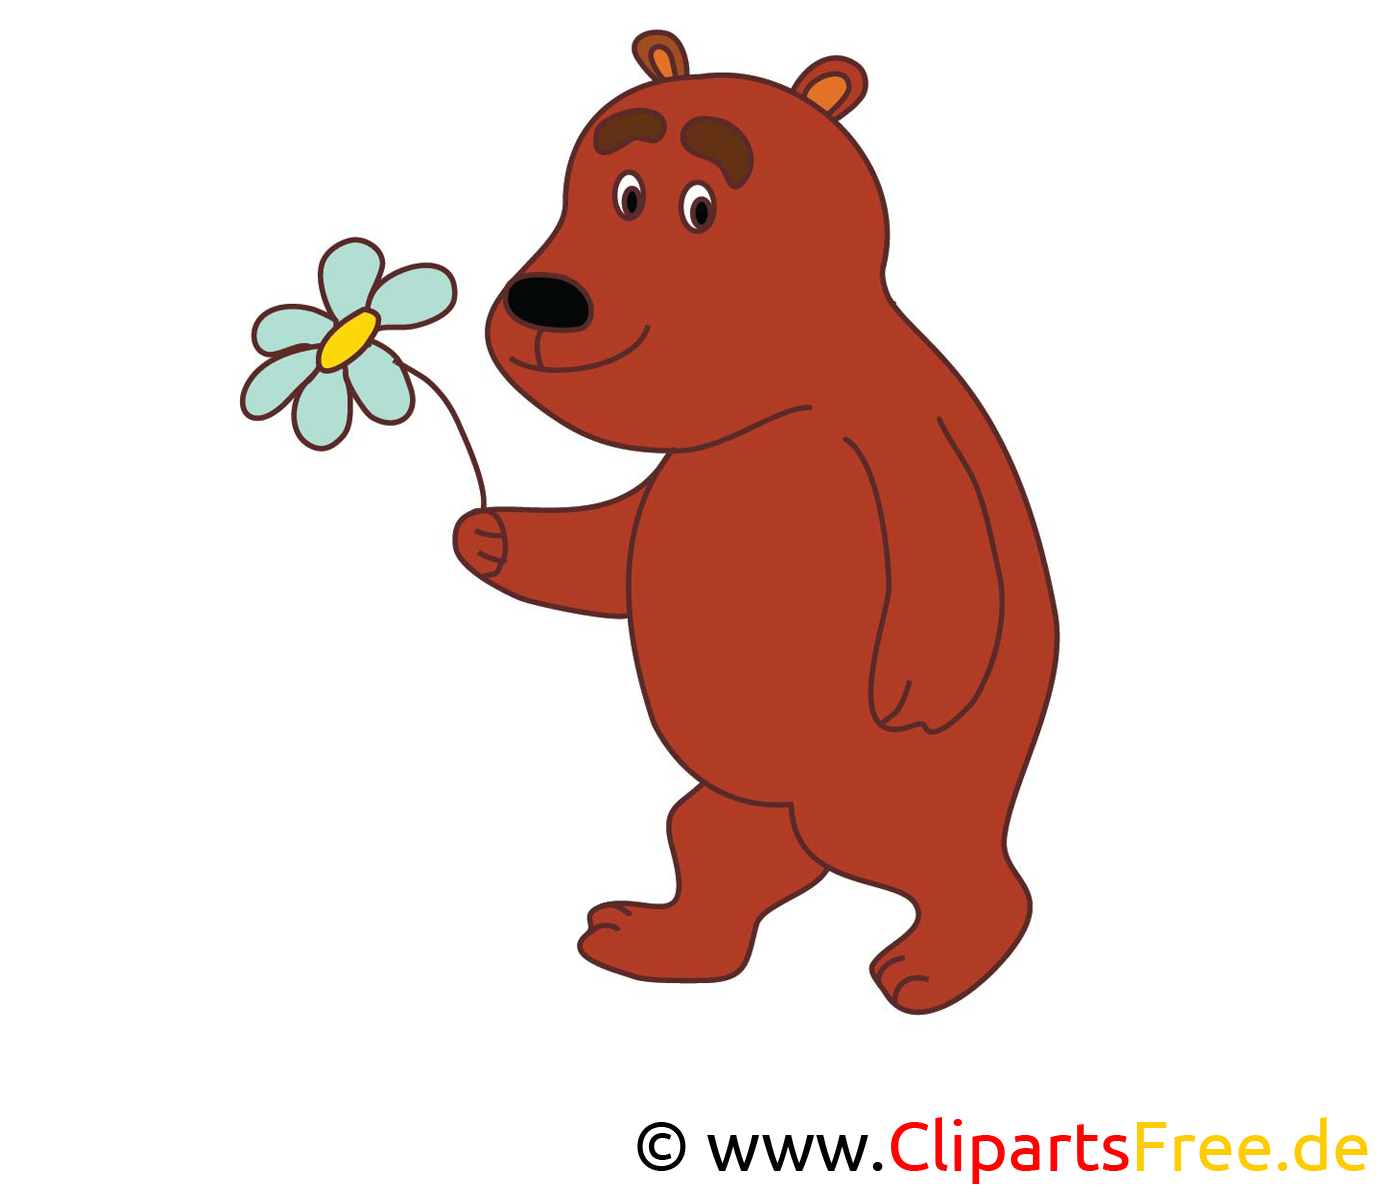 Cartoon Bär Bild Zum Ausdrucken Kostenlos ganzes Bären Bilder Zum Ausdrucken